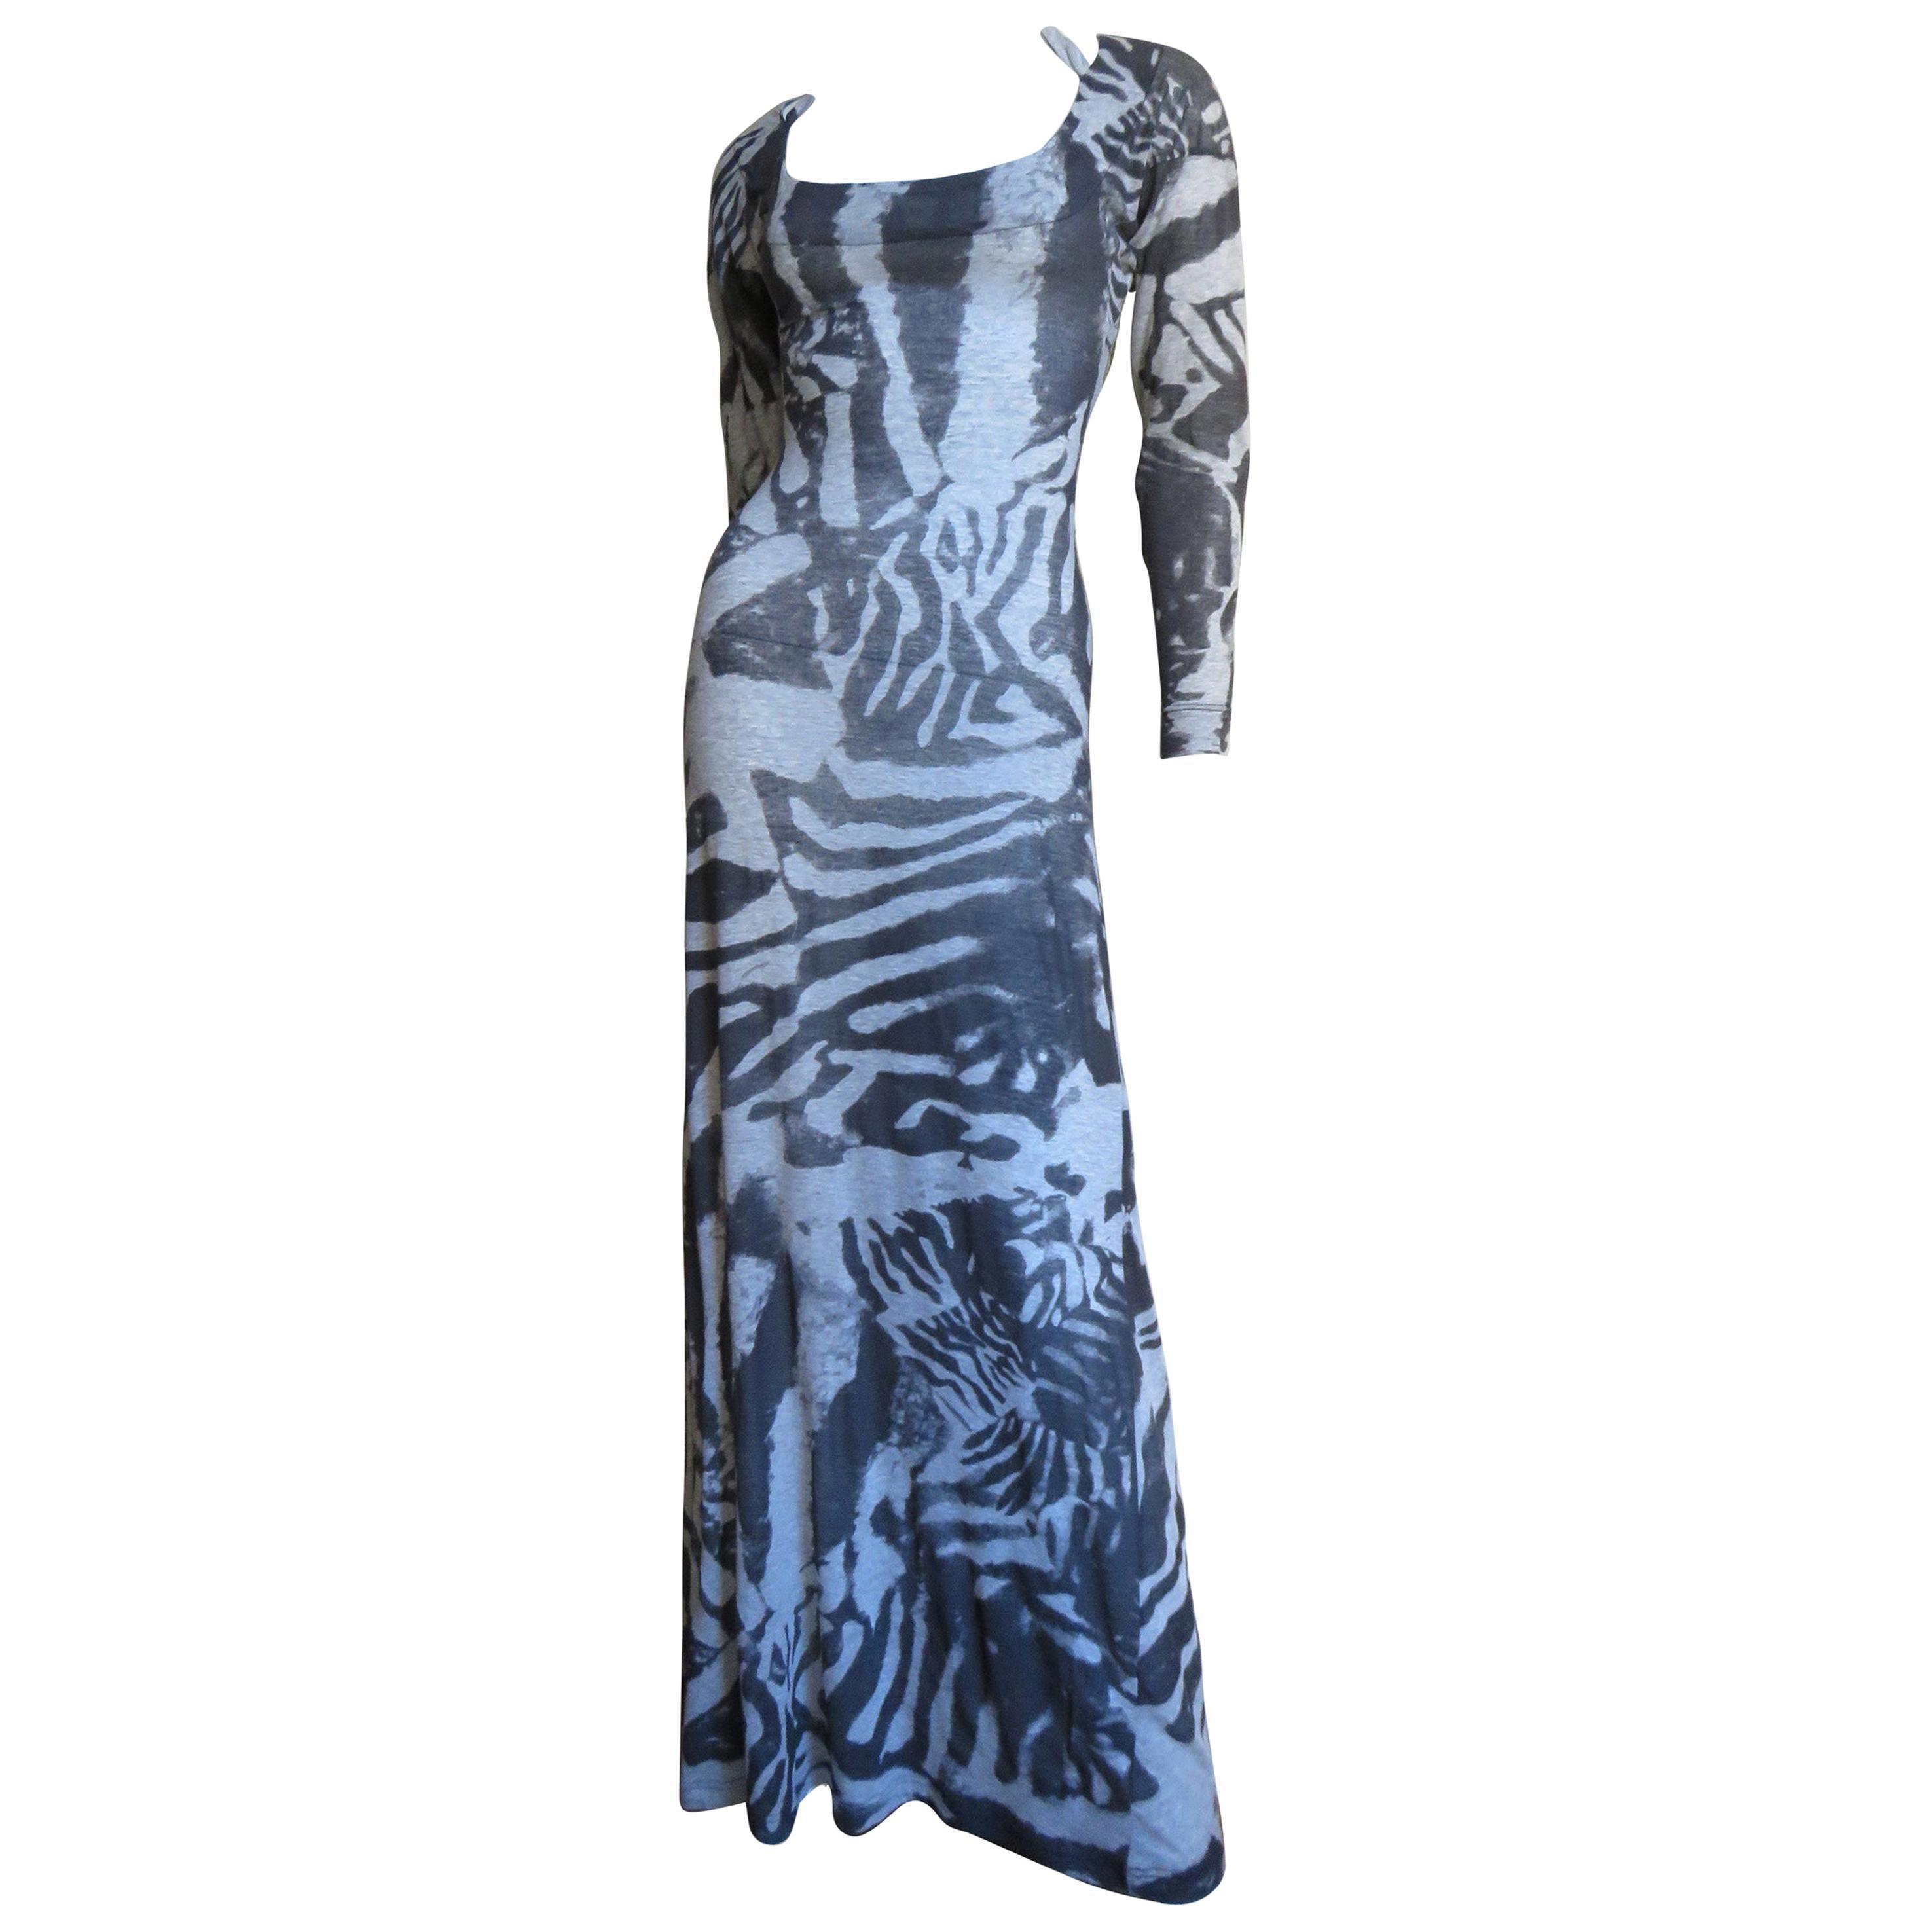 Alexander McQueen New Backless Maxi Dress